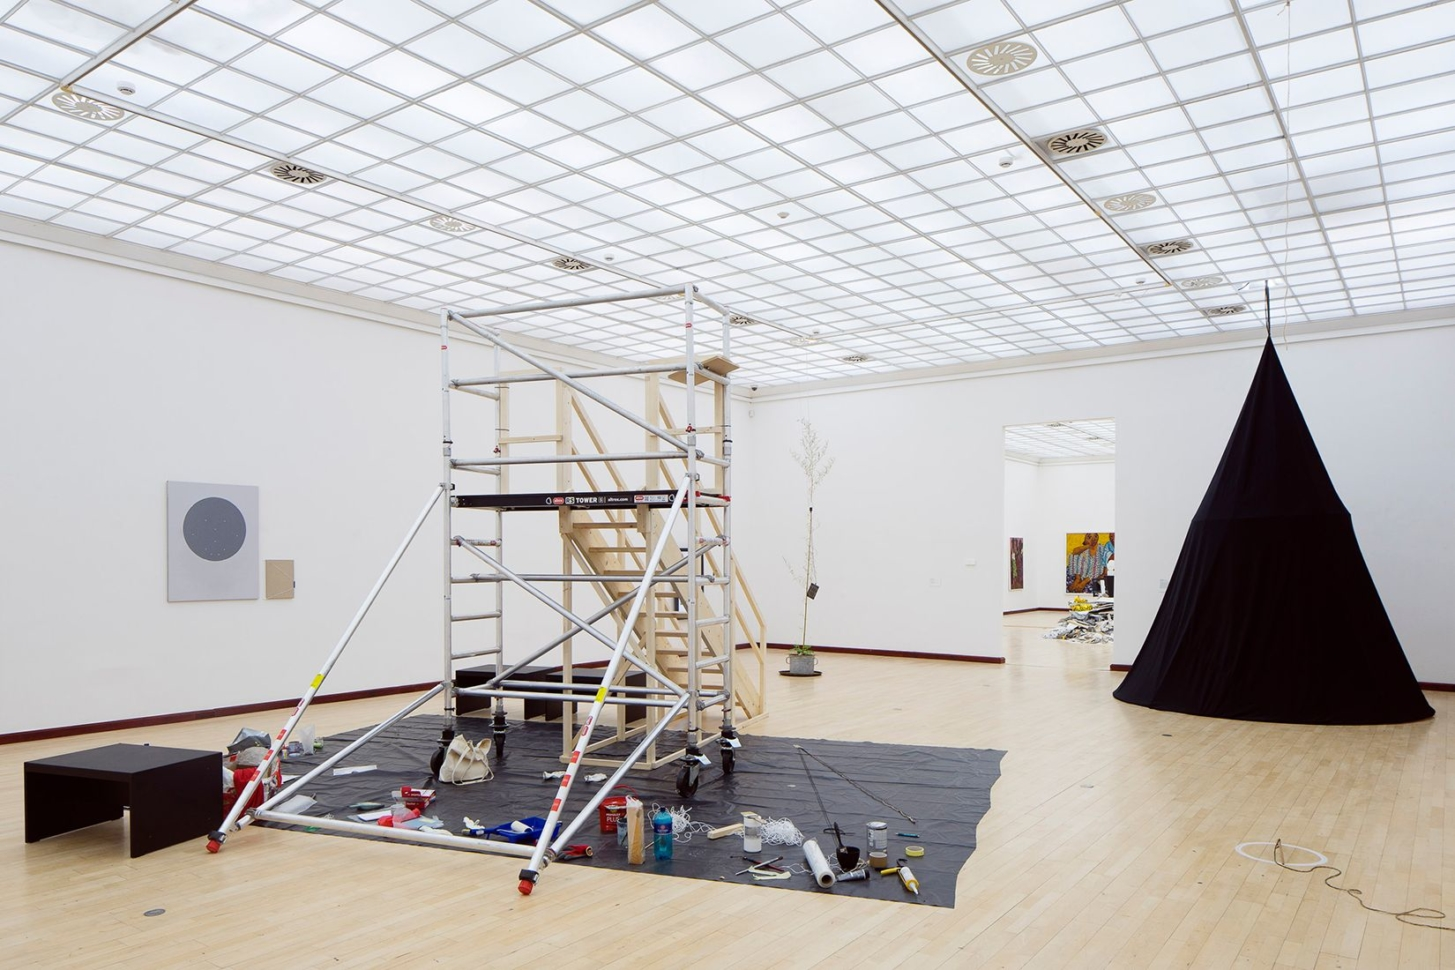 pohled do výstavy Ve věci umění / Matter of Art 2020 / Pojď blíž – Bienále současného umění Praha, Městská knihovna, 2. patro, 2020. Foto Tomáš Souček